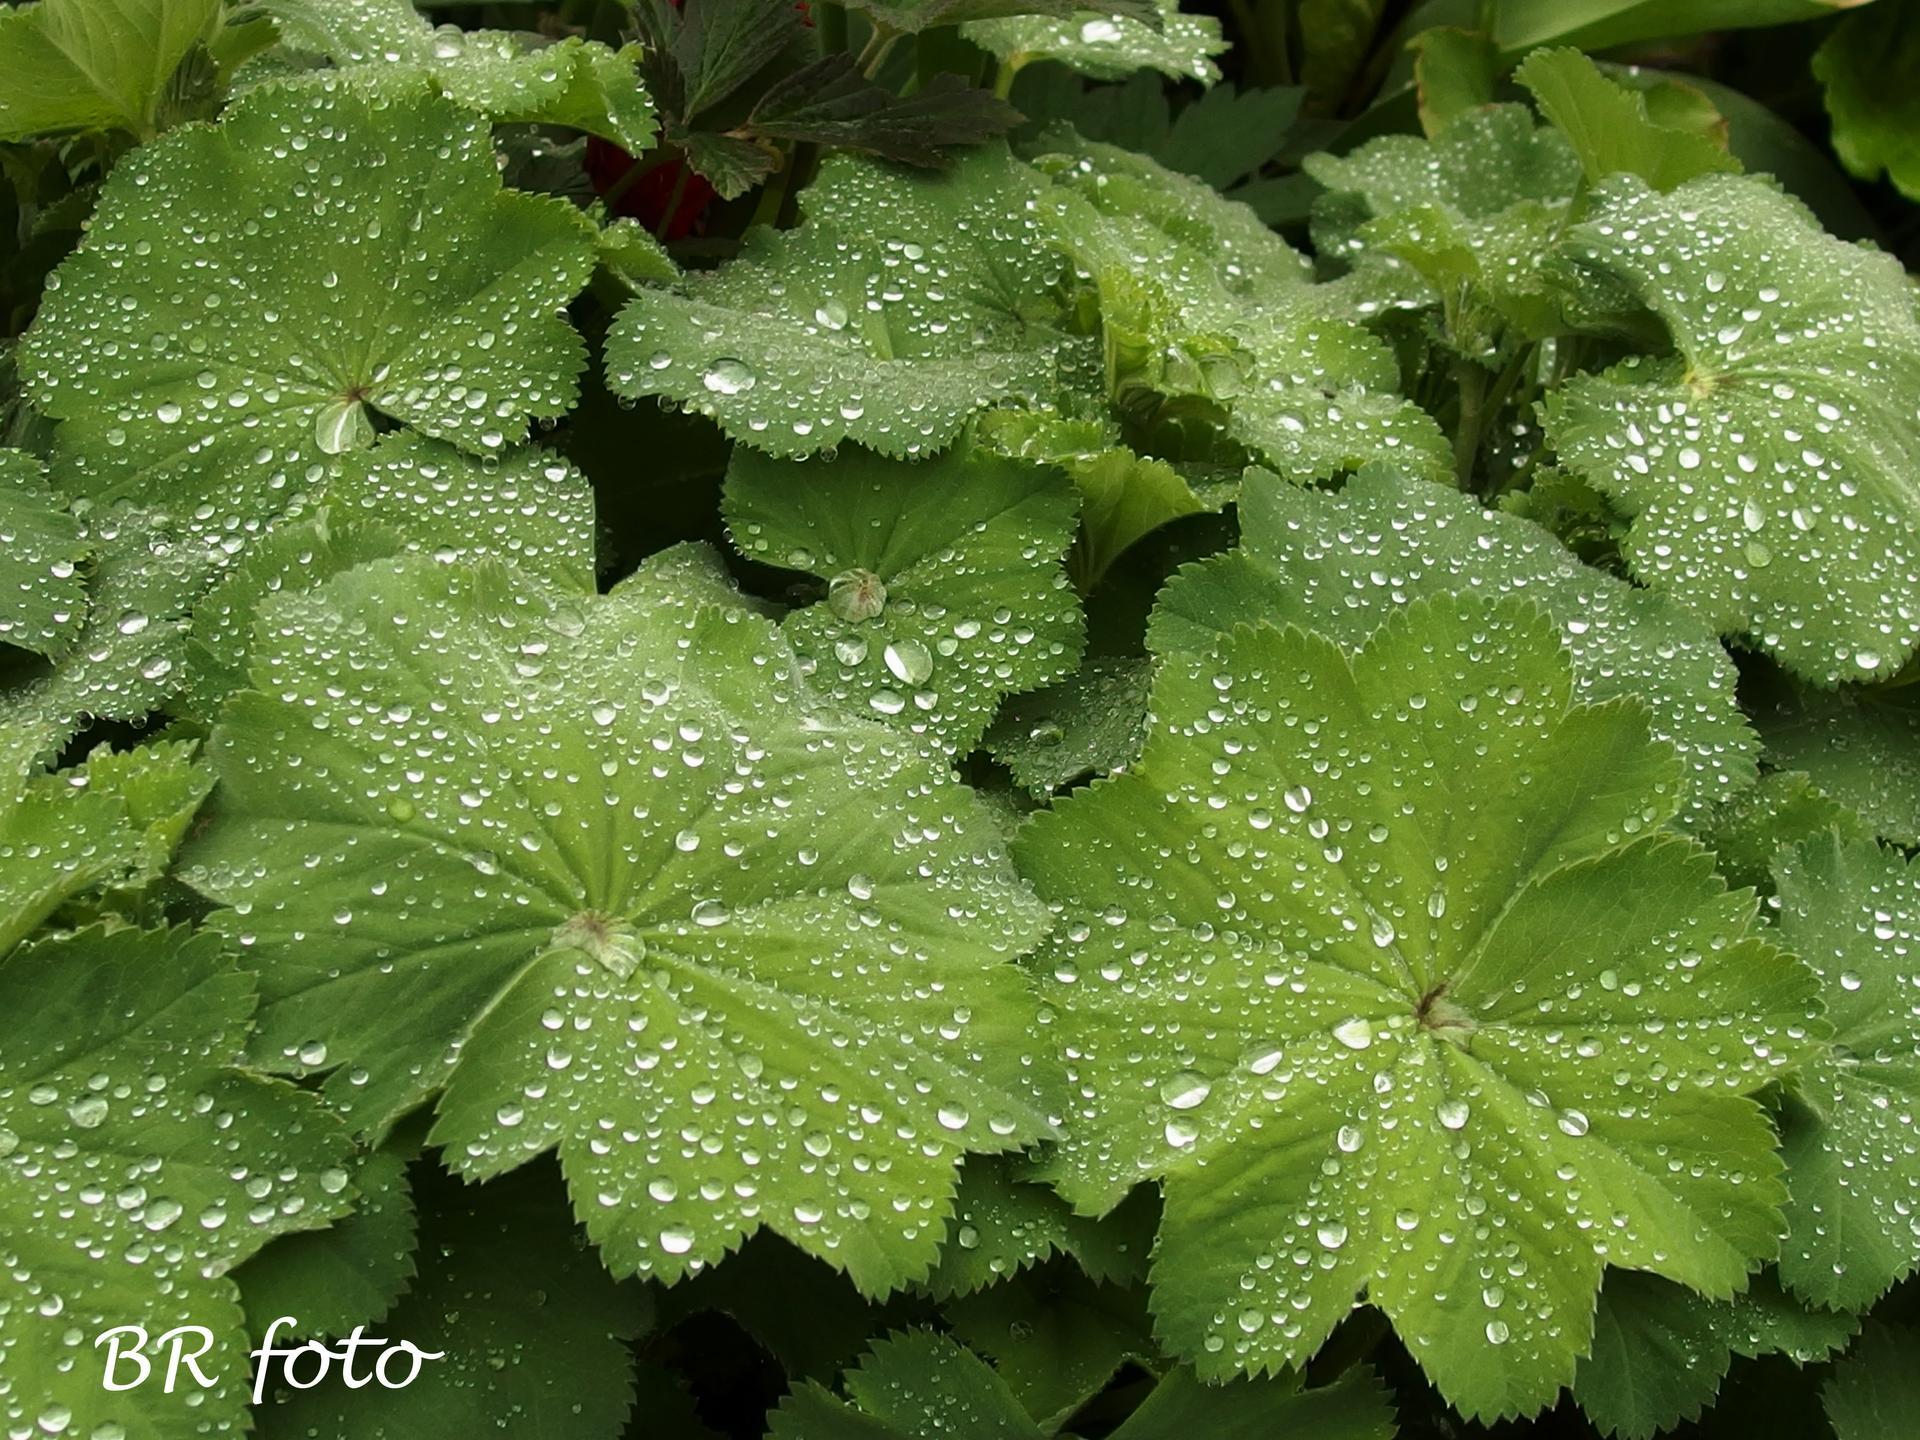 Pozvání do zahrady 2021 - kapky rosy nebo deště jsou vždy nejhezčí na kontryhelu....